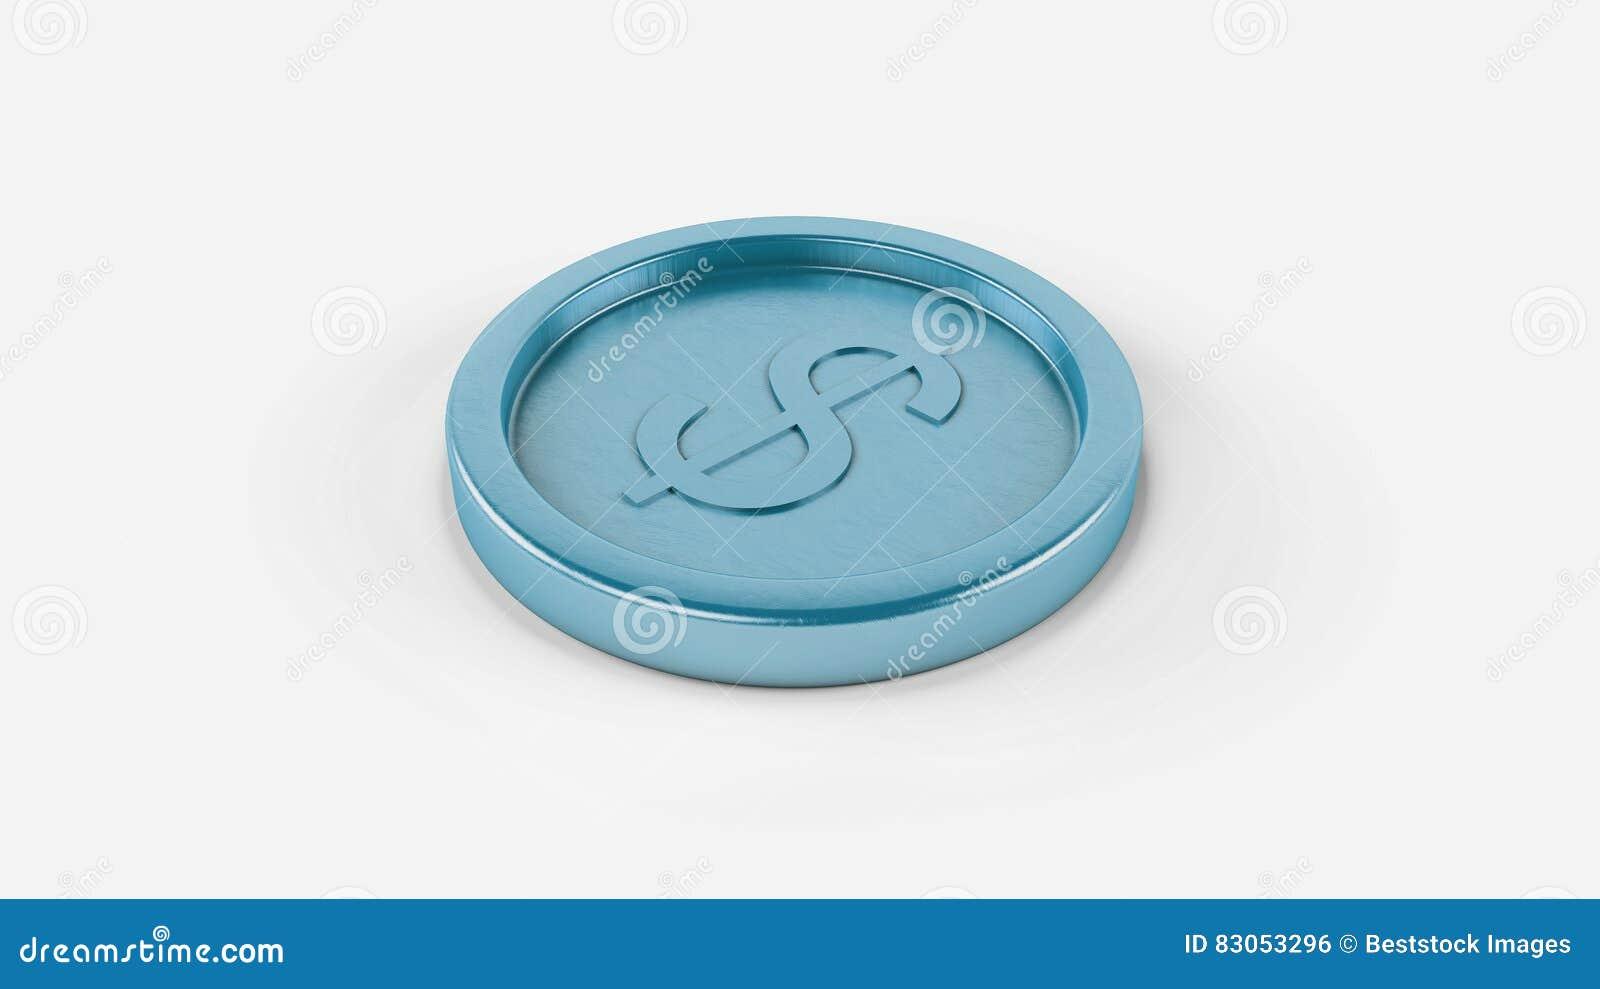 Монетка металла высокого разрешения горизонтальная сияющая небесно-голубая